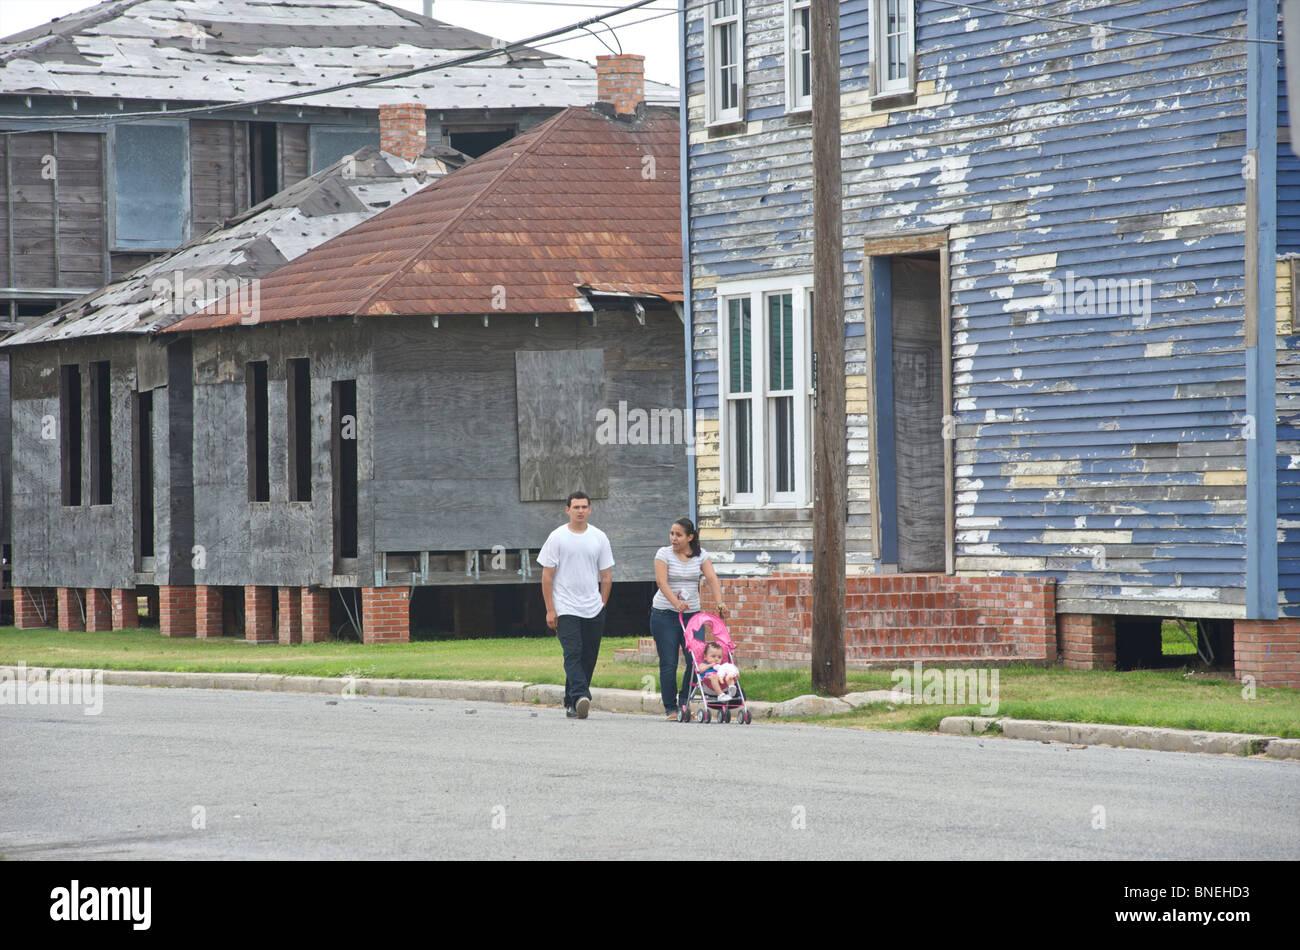 Familia Joven teniendo caminar en un vecindario pobre en Galveston, Texas, EE.UU. Foto de stock